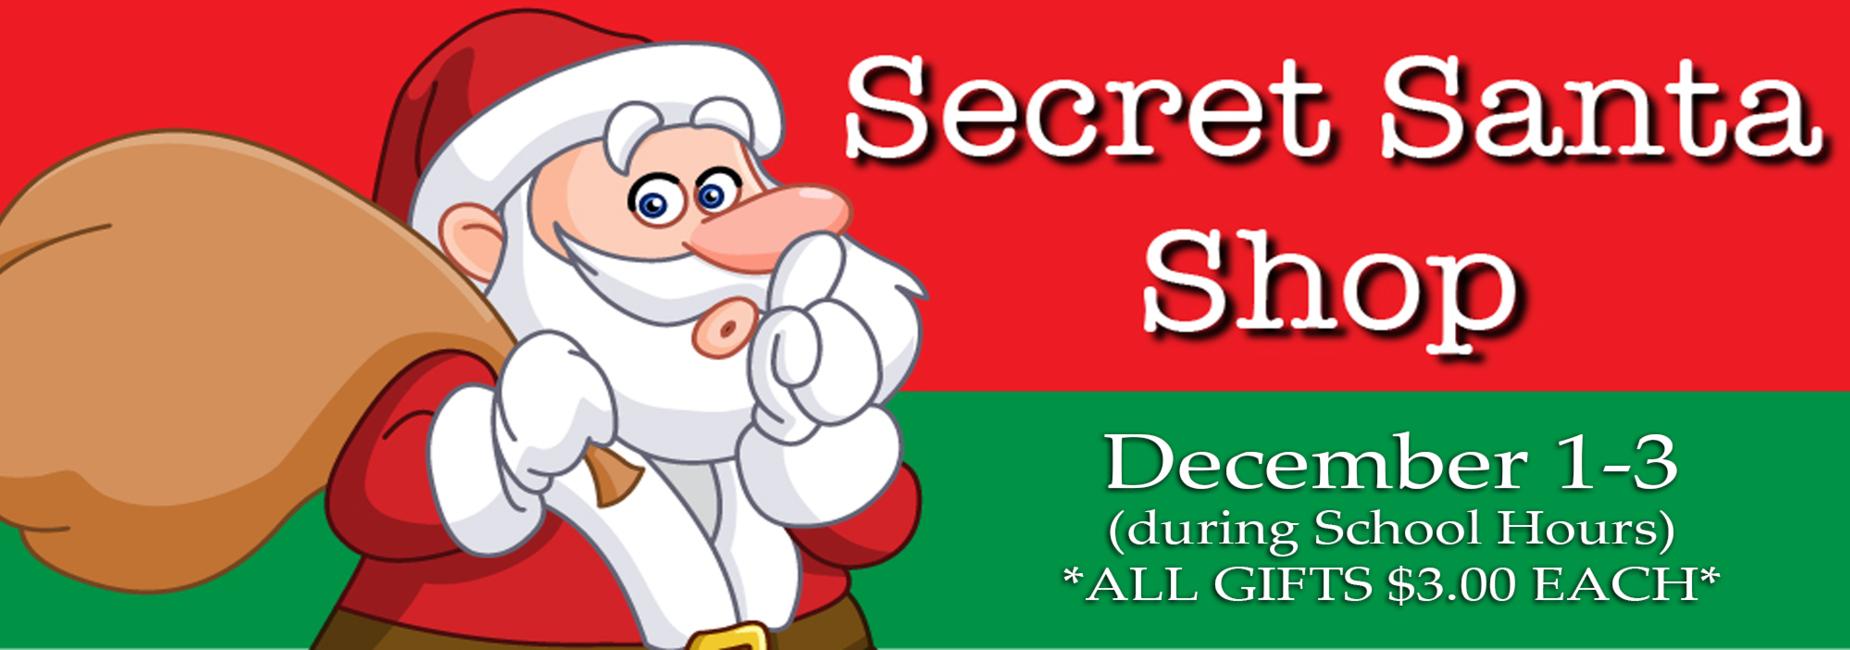 Secret Santa Shop is coming